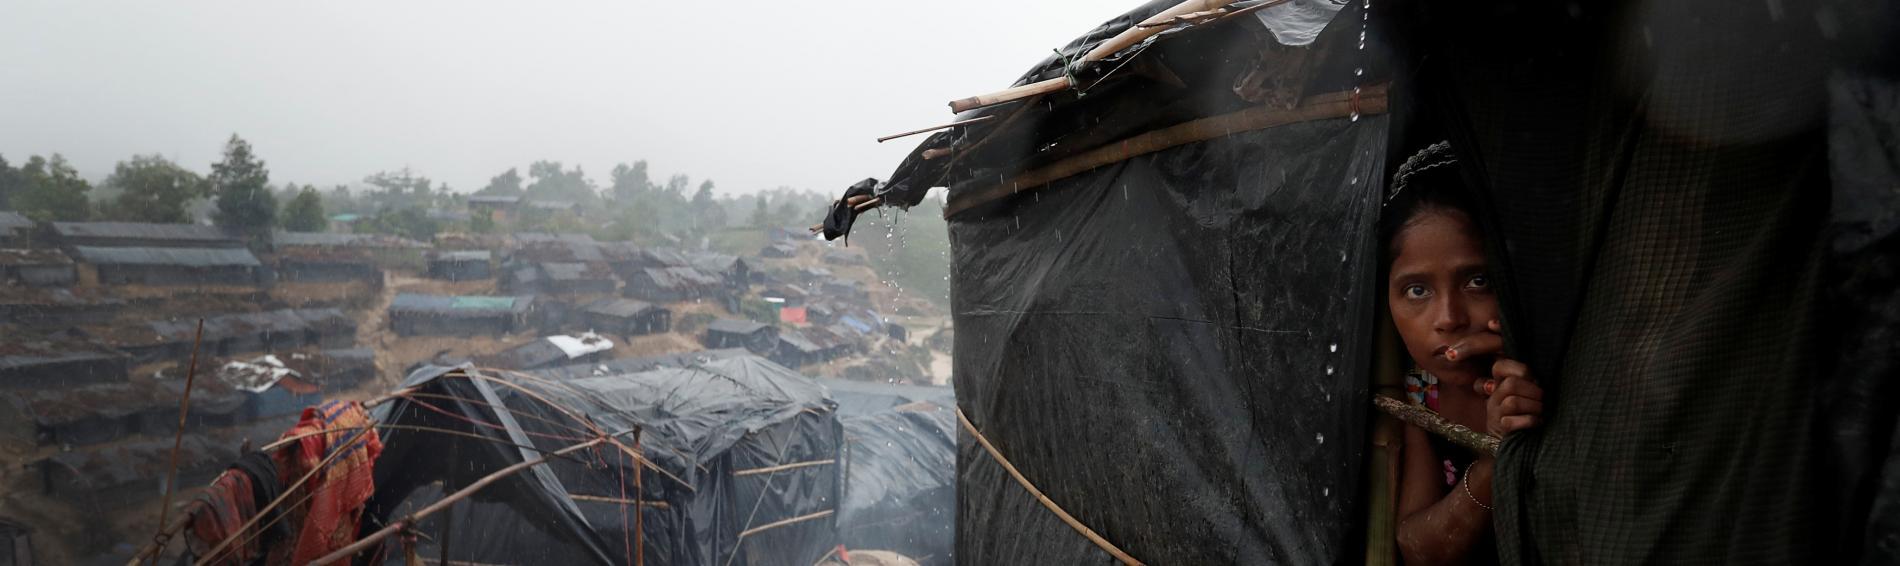 Kinder in einem Flüchtlingslager in Bangladesch